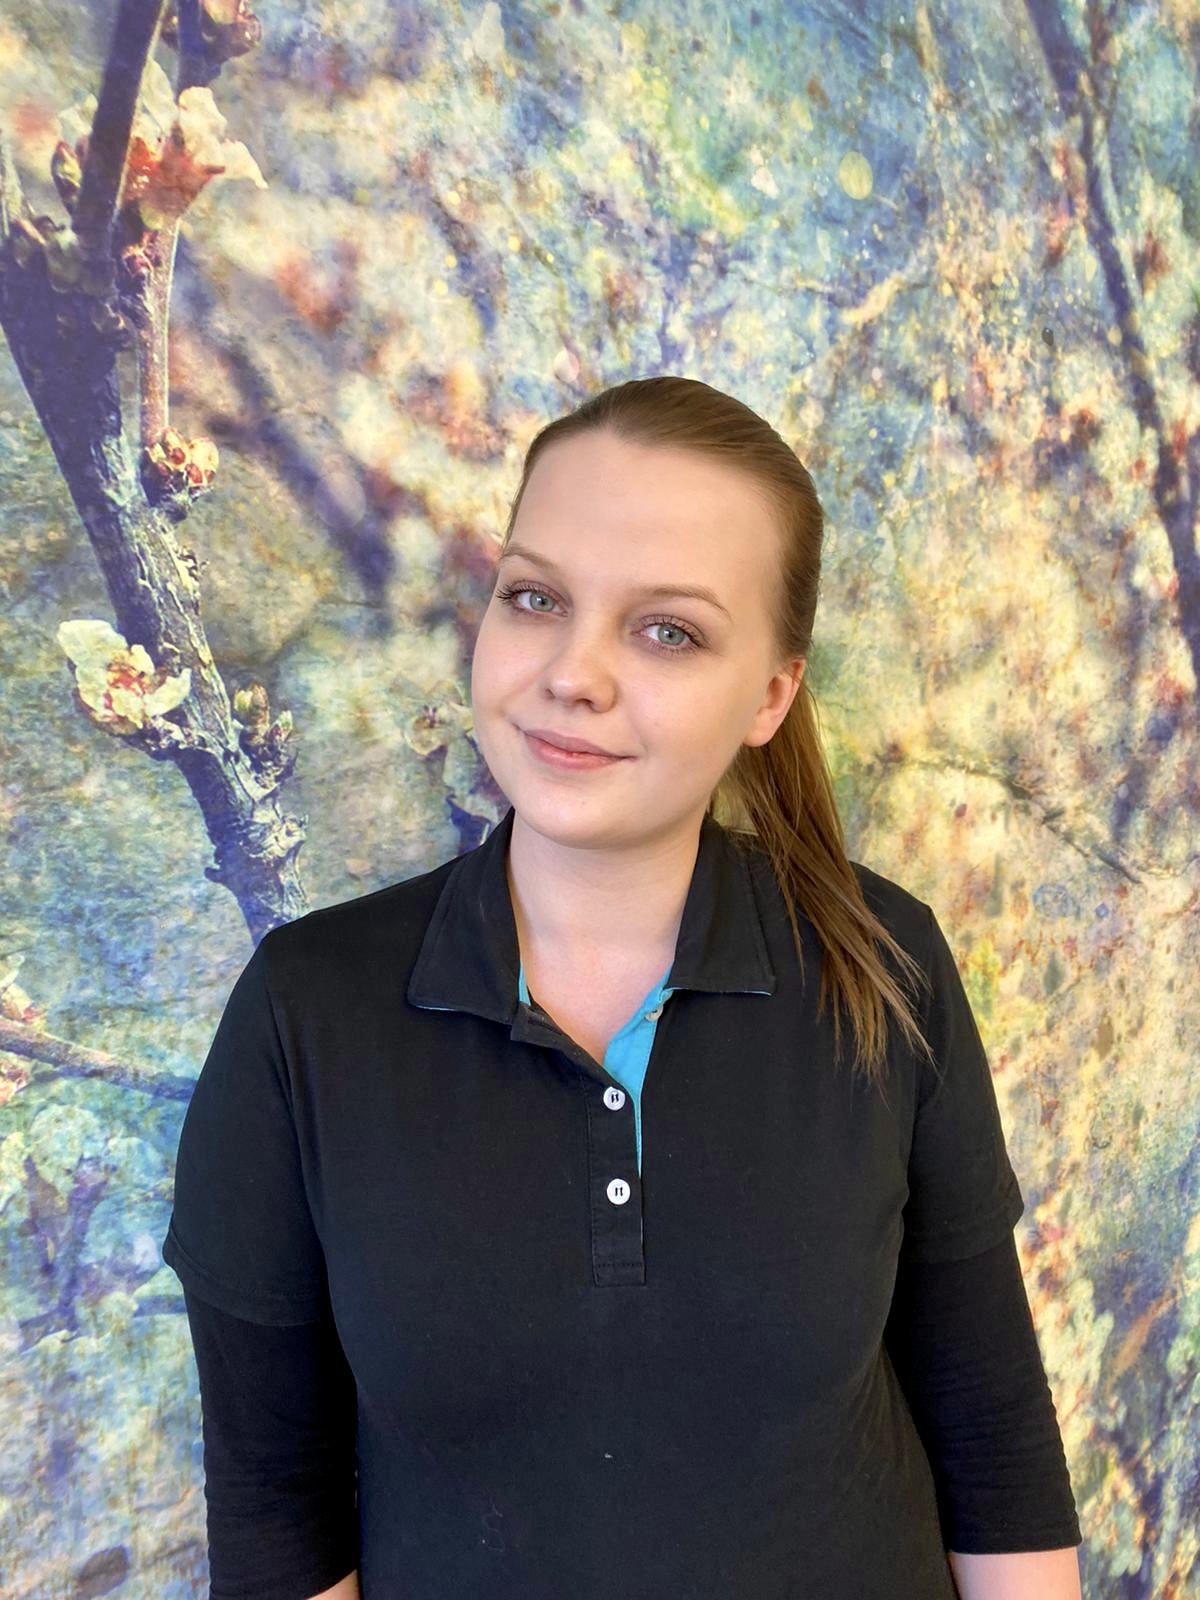 Michelle Sleuwen